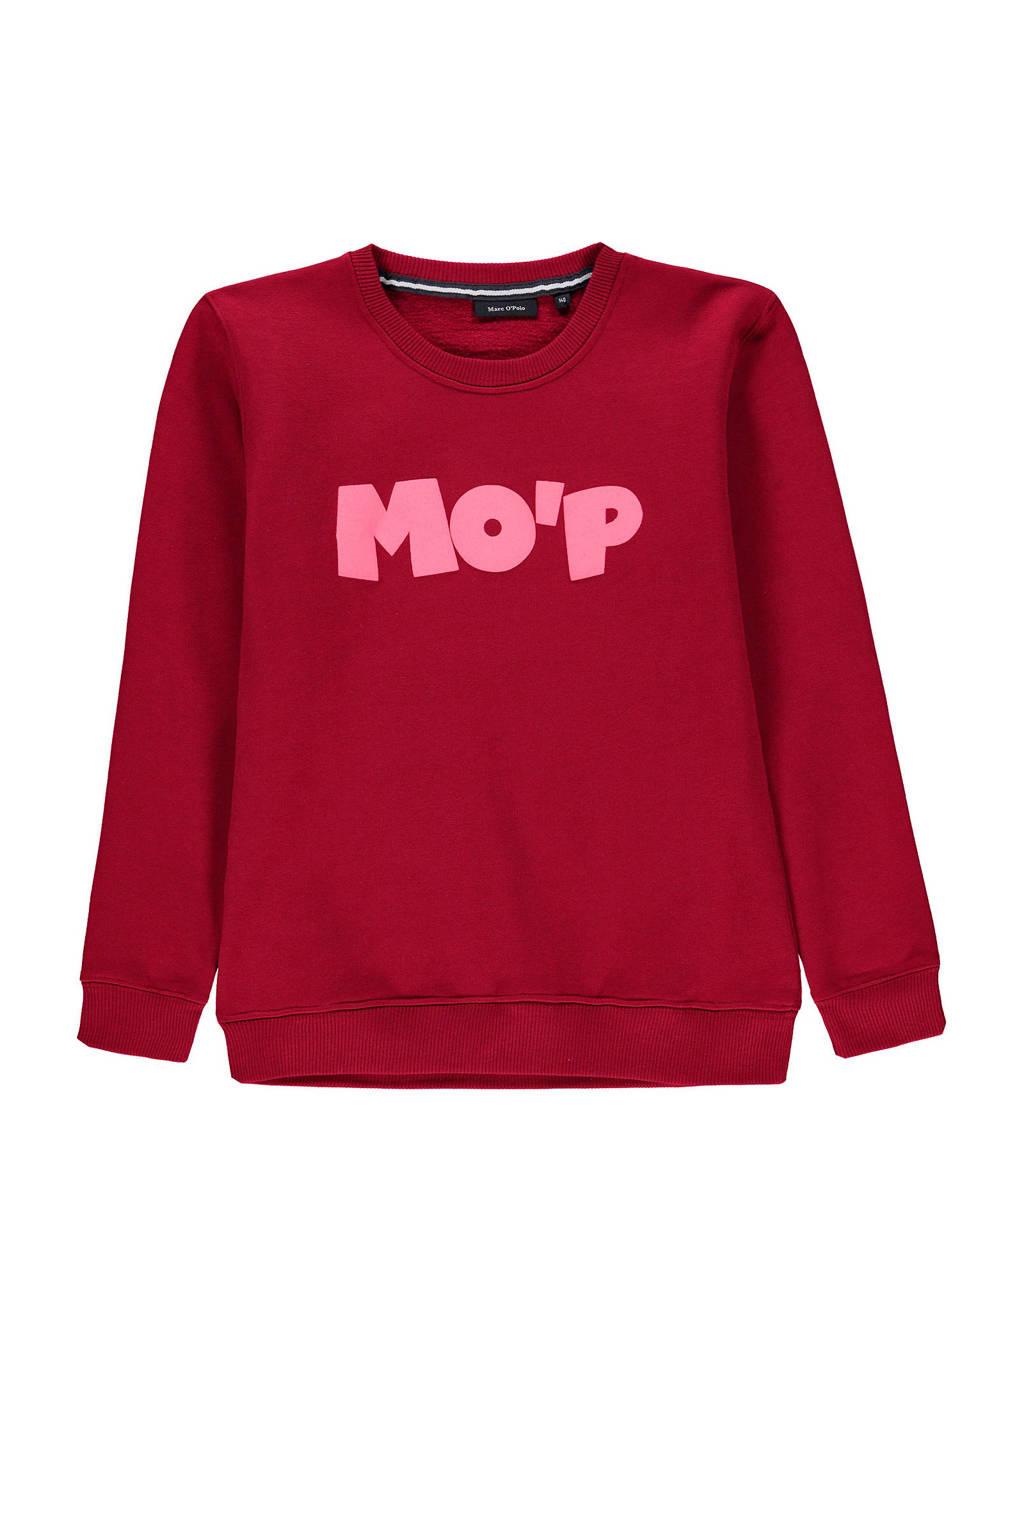 Marc O'Polo sweater met tekst rood/roze, Rood/roze